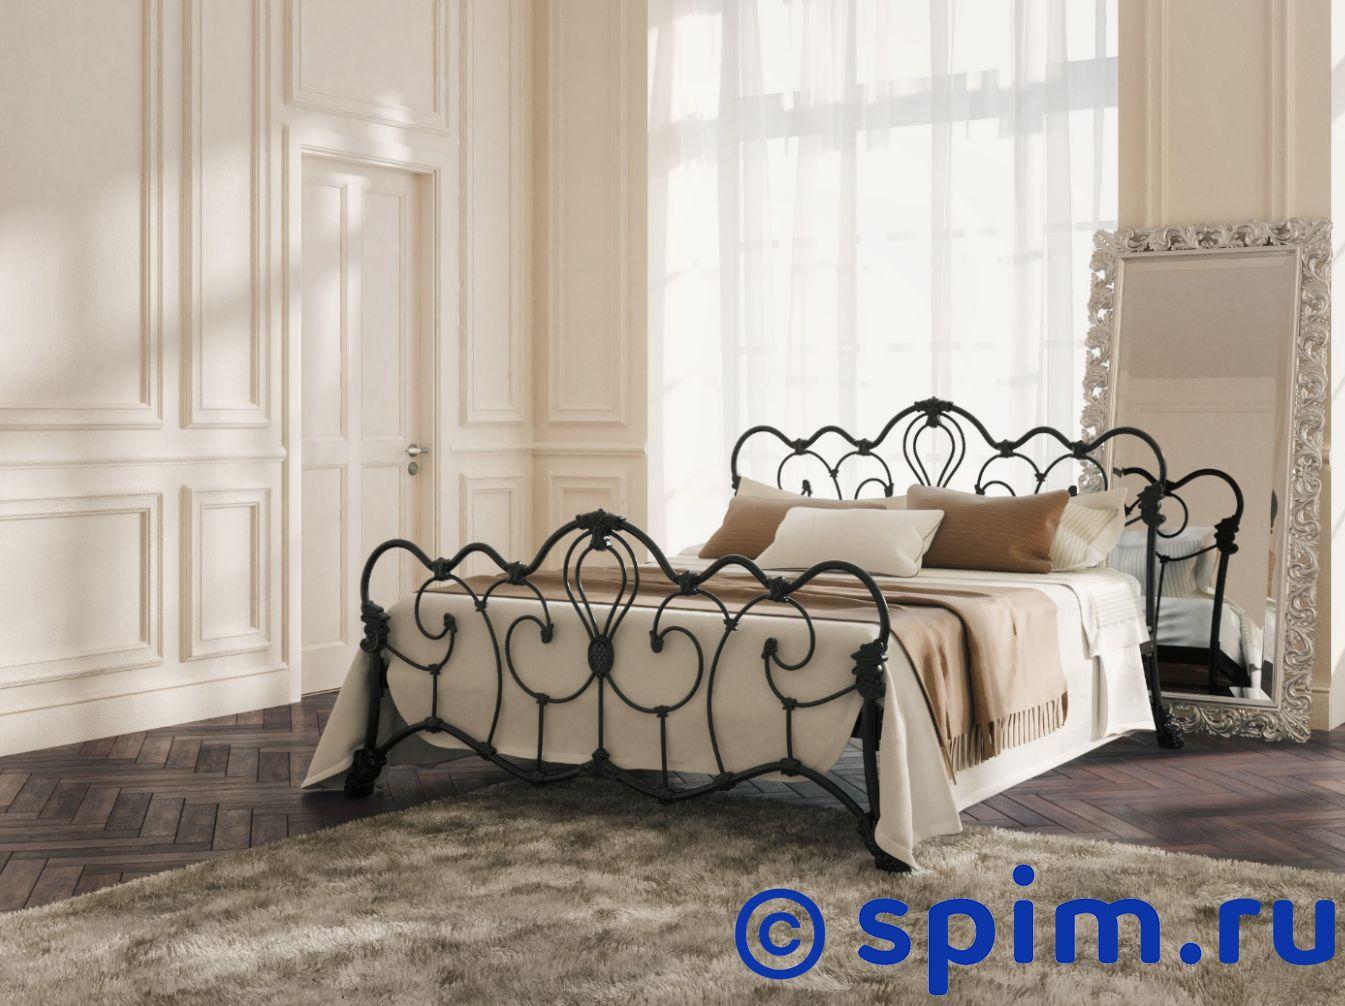 Кровать Originals by Dreamline Michelle (1 спинка) 140х200 см матрас dreamline springless soft slim 90х195 см